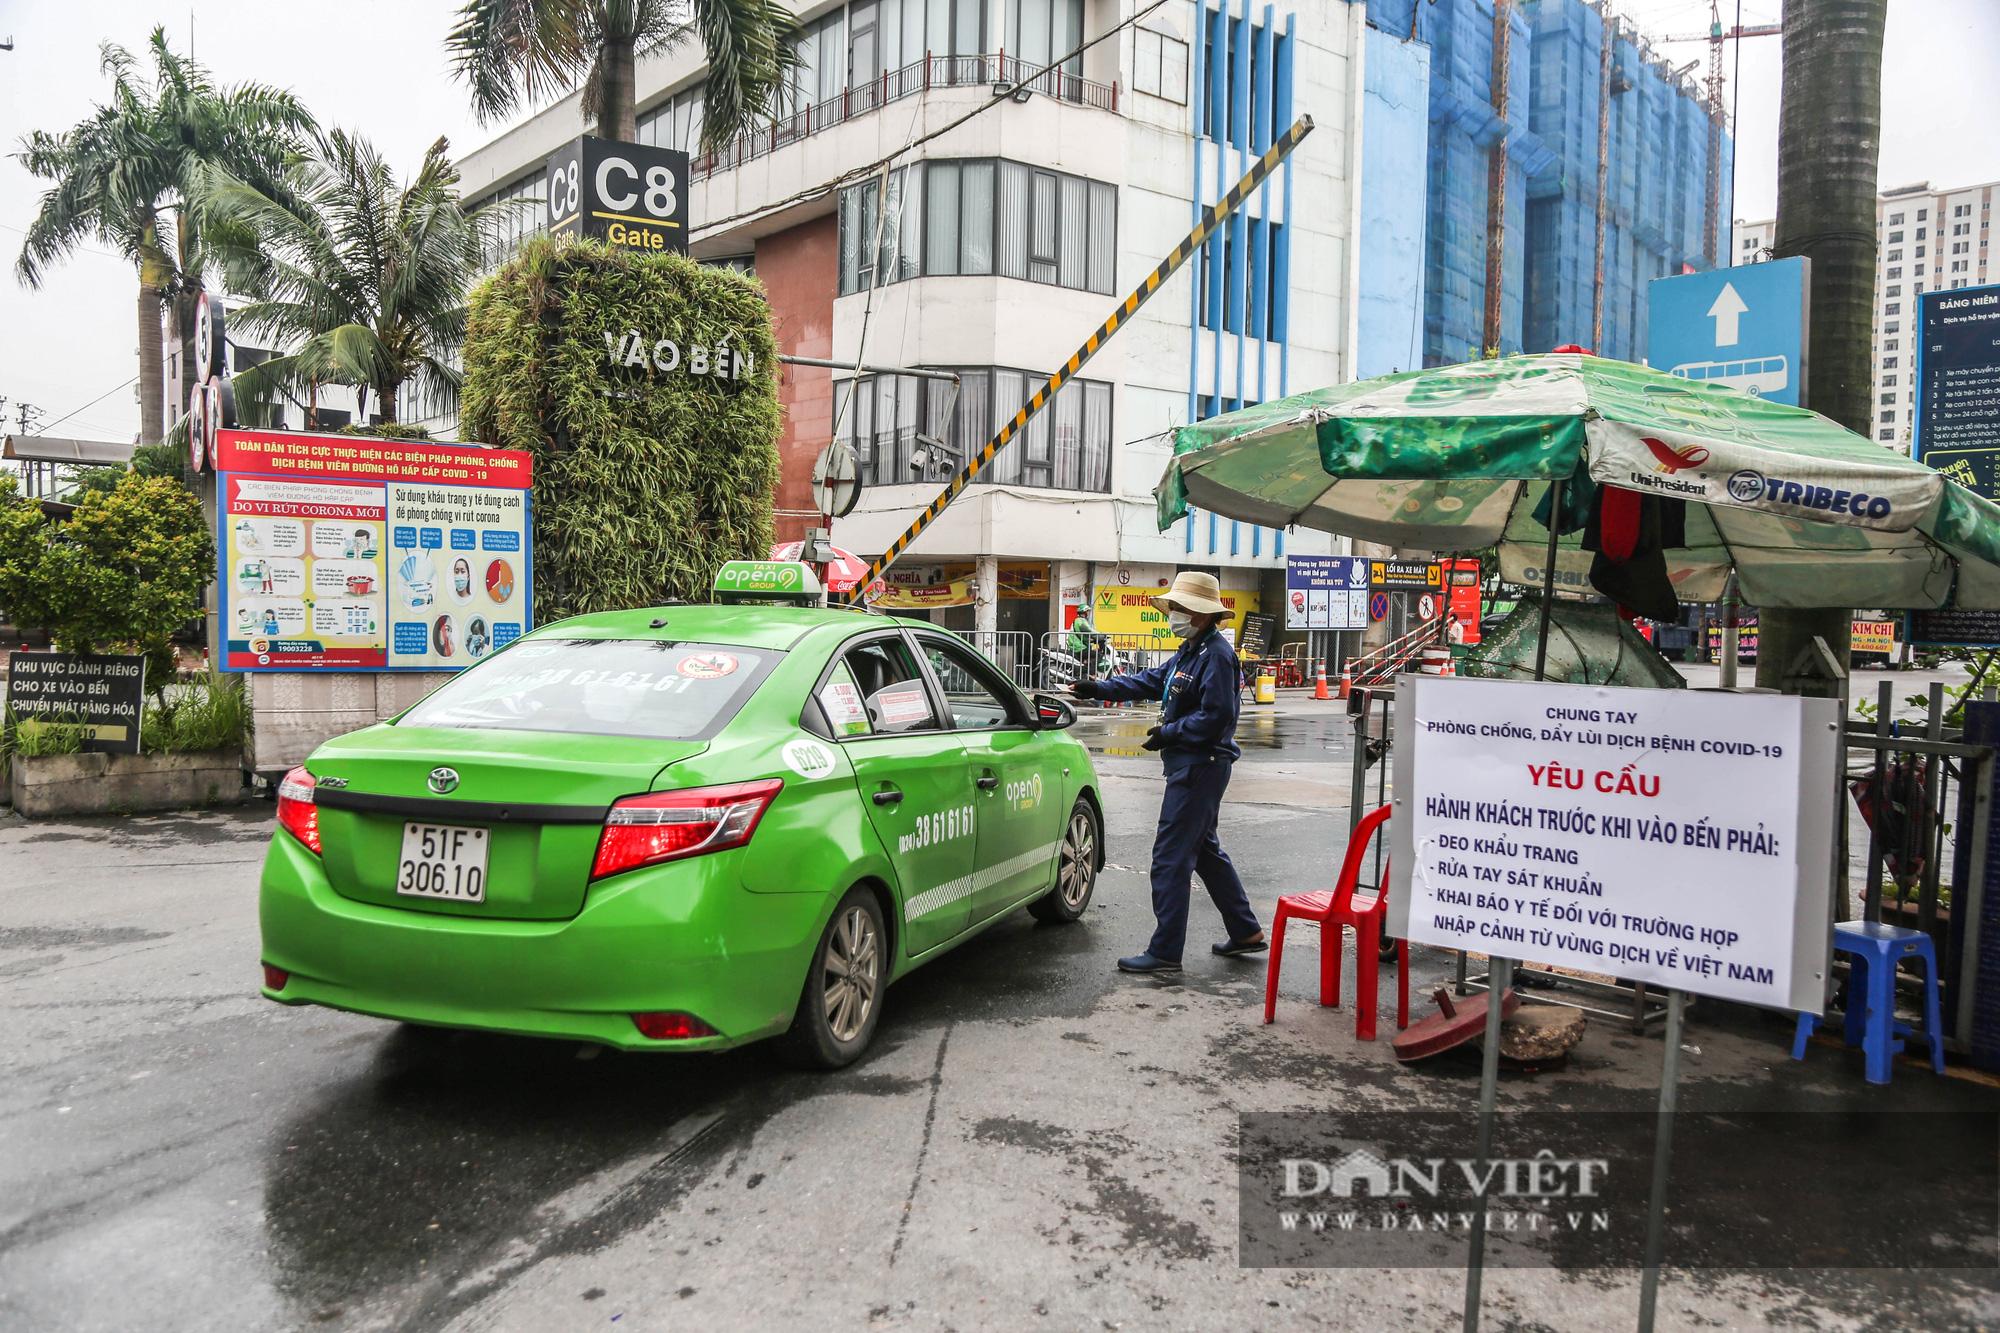 Các bến xe tại Hà Nội dùng biện pháp gì để phòng chống dịch Covid-19   - Ảnh 9.